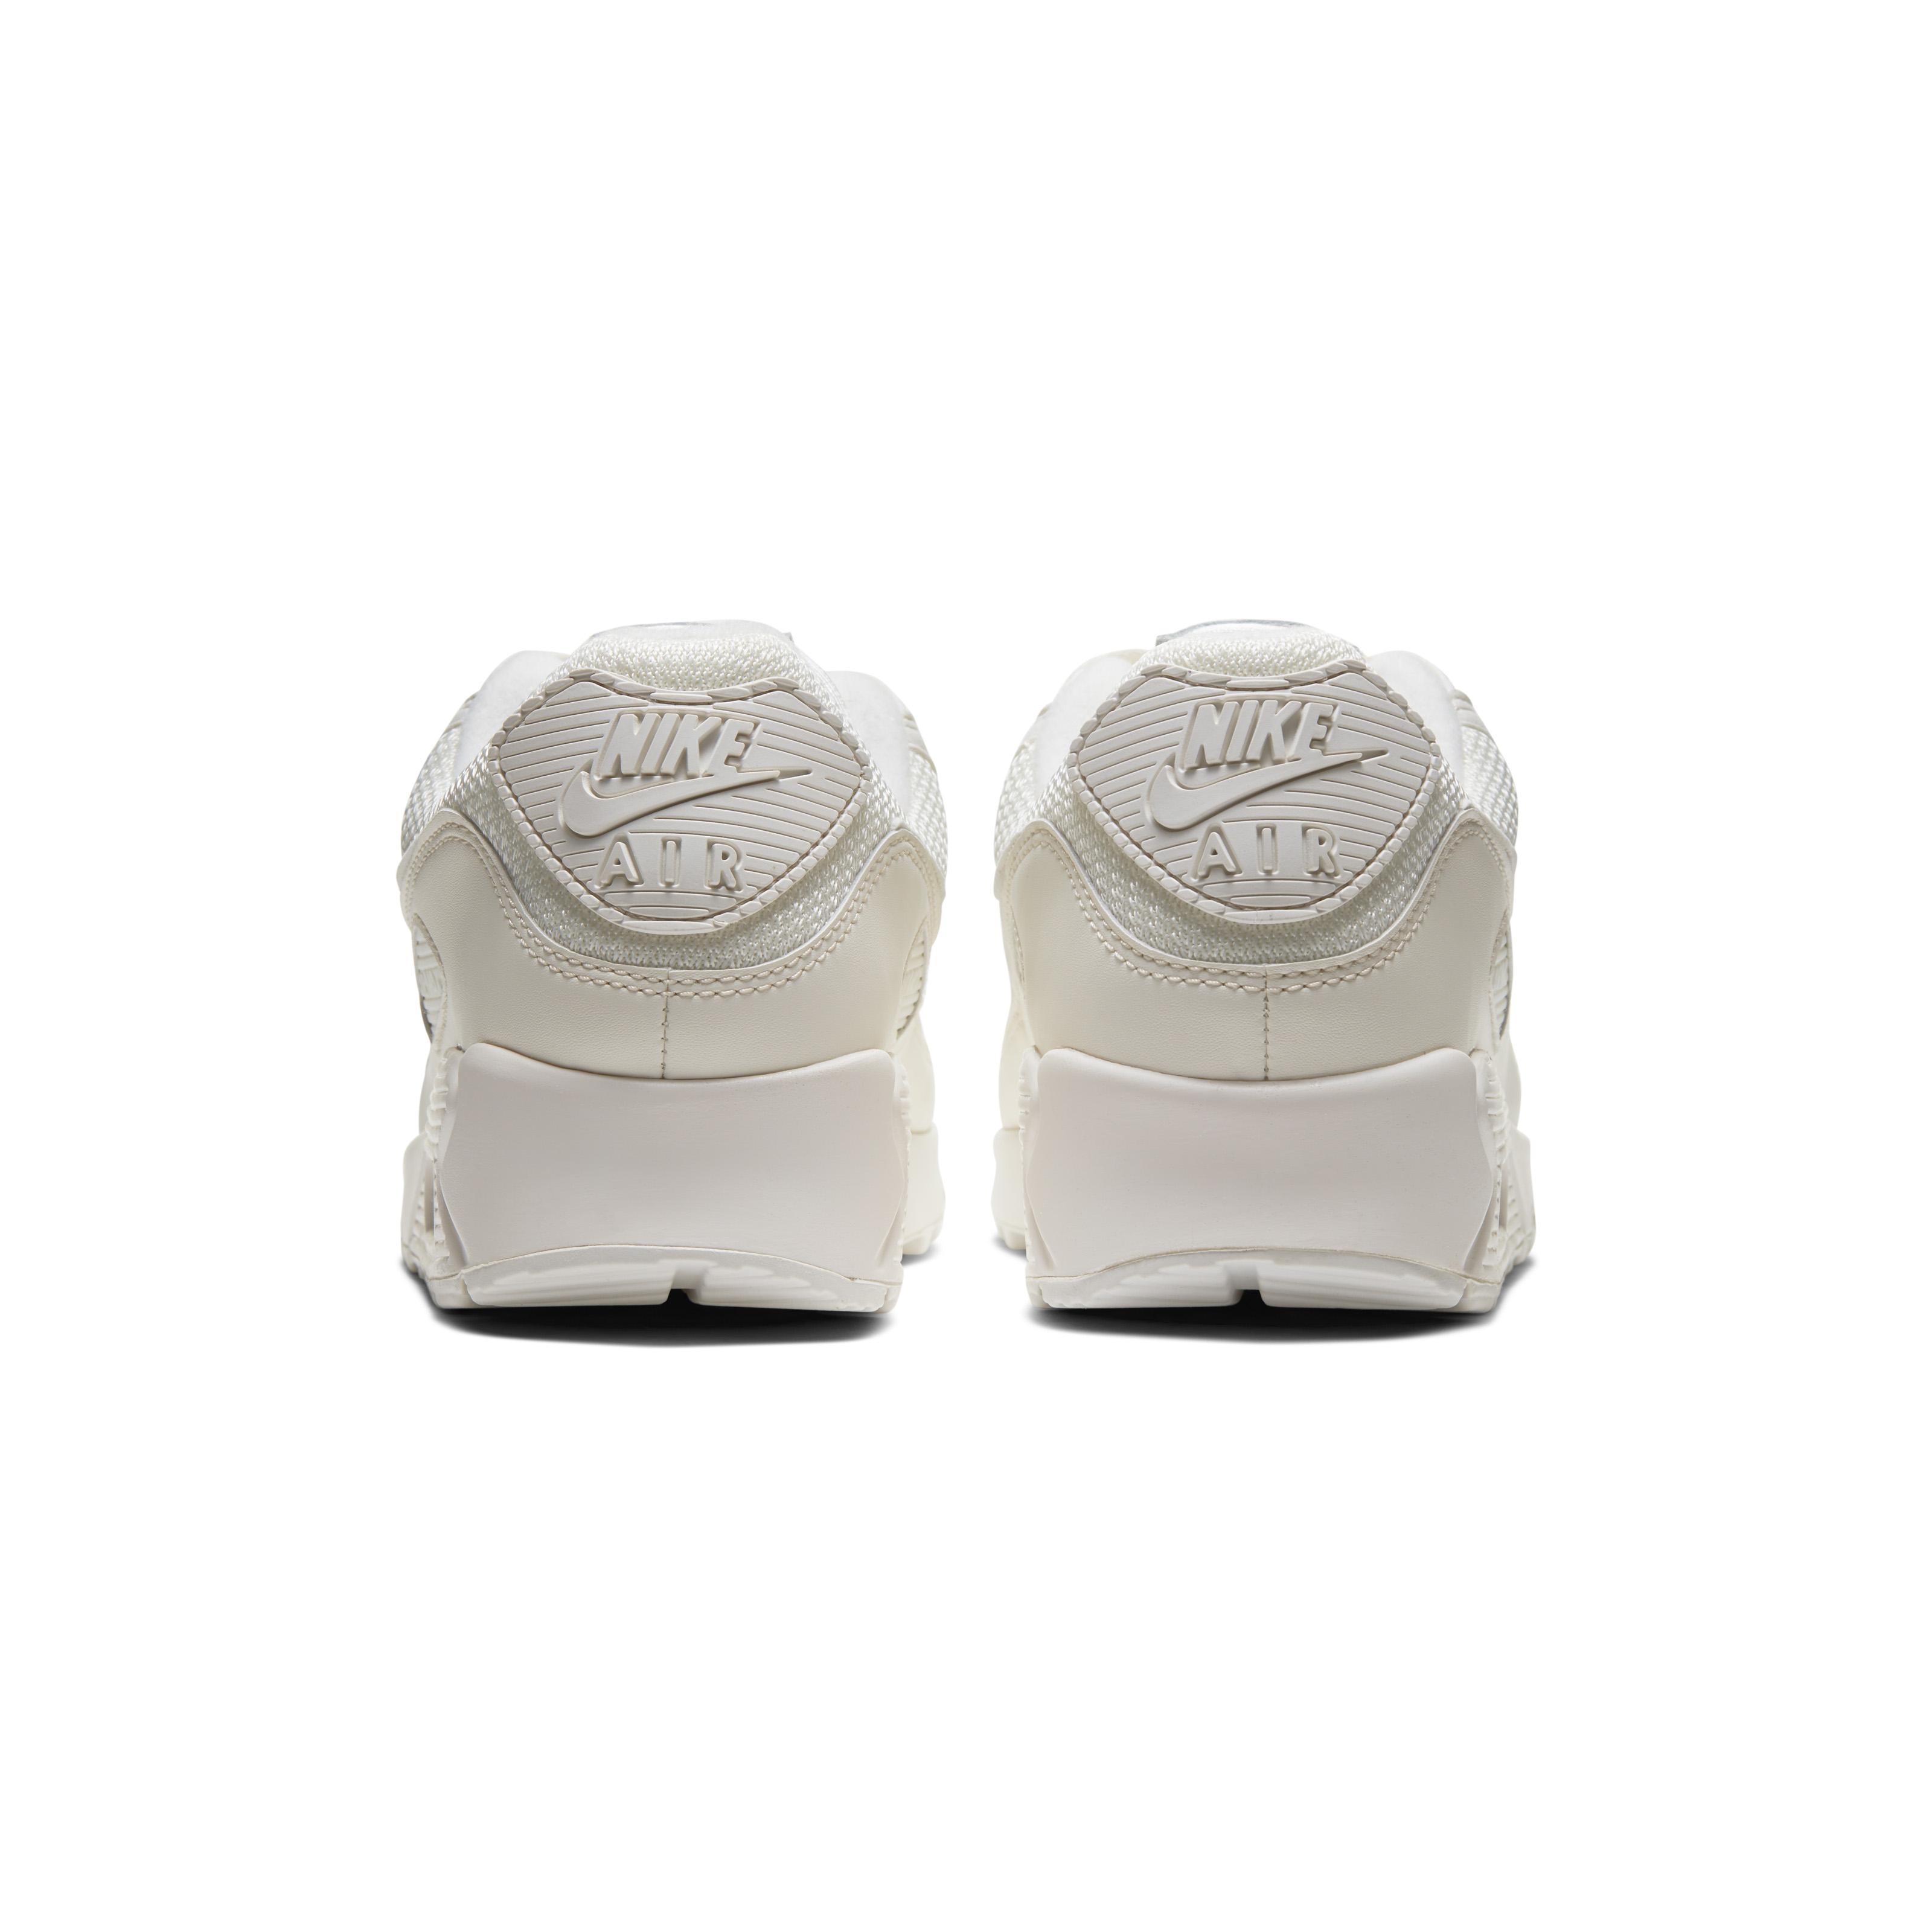 Nike Air Max 90. Ideate da Tinker Hatfield, e distribuite per la prima volta nel 1990 come Air Max IIIdiventano un simbolo importante della linea Nike Air.